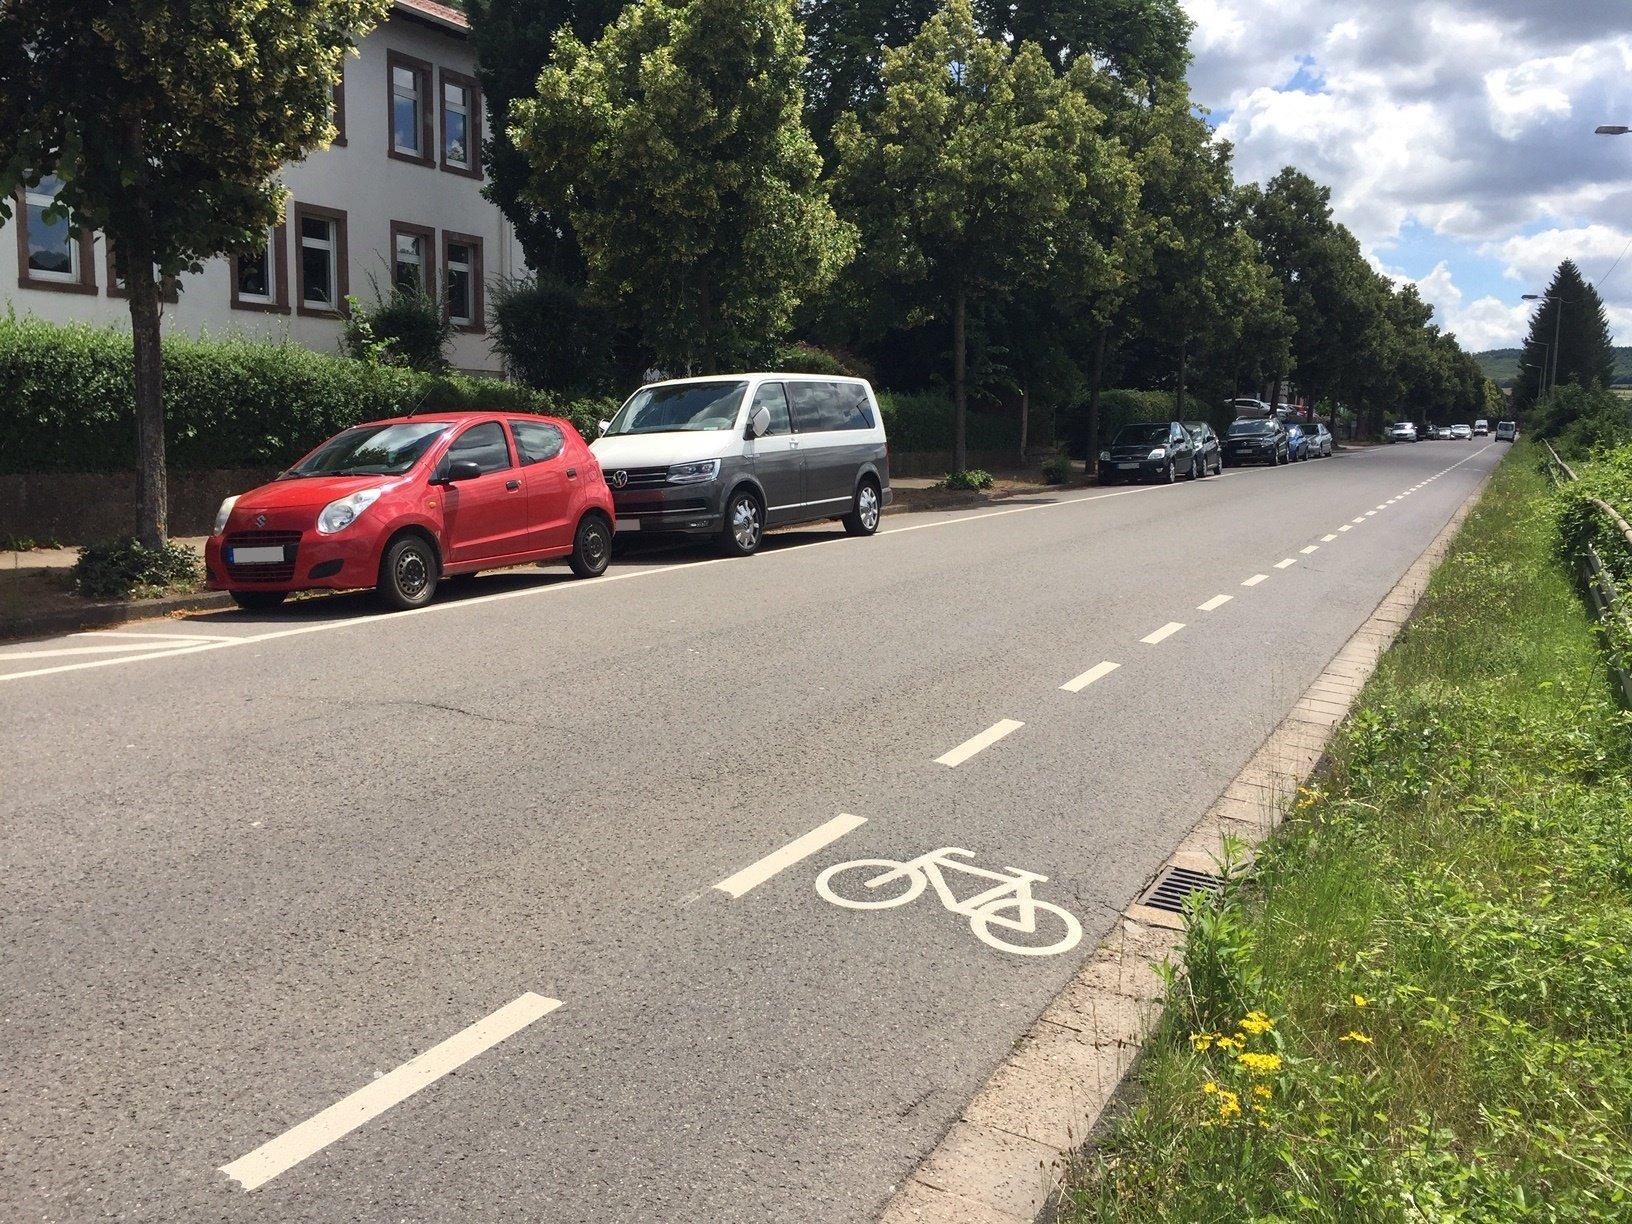 Das Bild zeigt den Radweg in der Saarbrücker Straße. Im Hintergrund sind zwei Autos zu sehen.